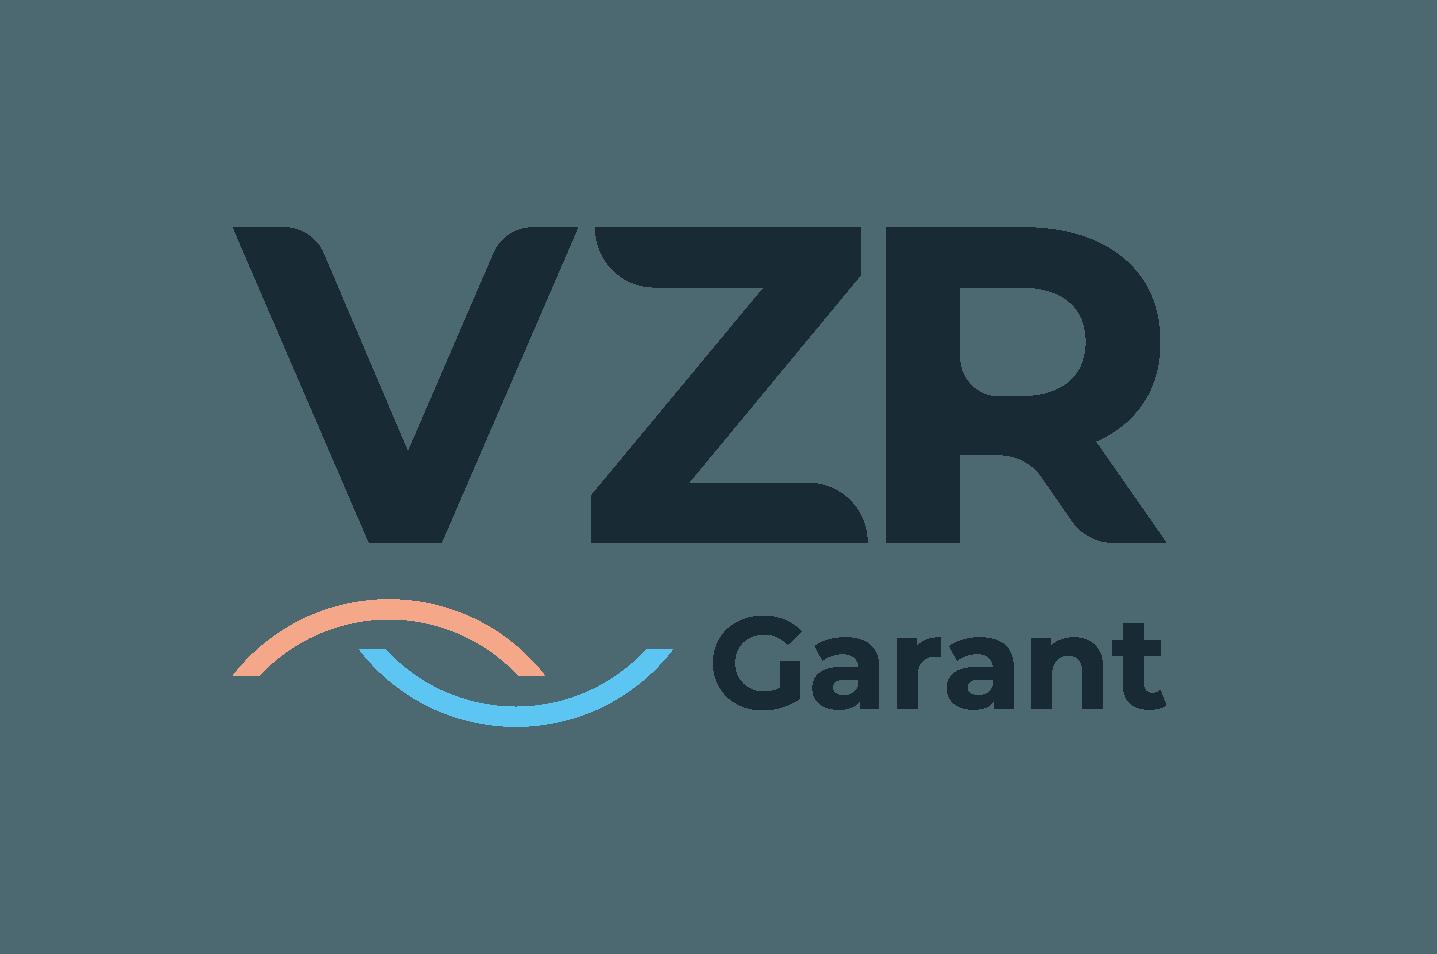 garantie fonds Offshore Yacht charter